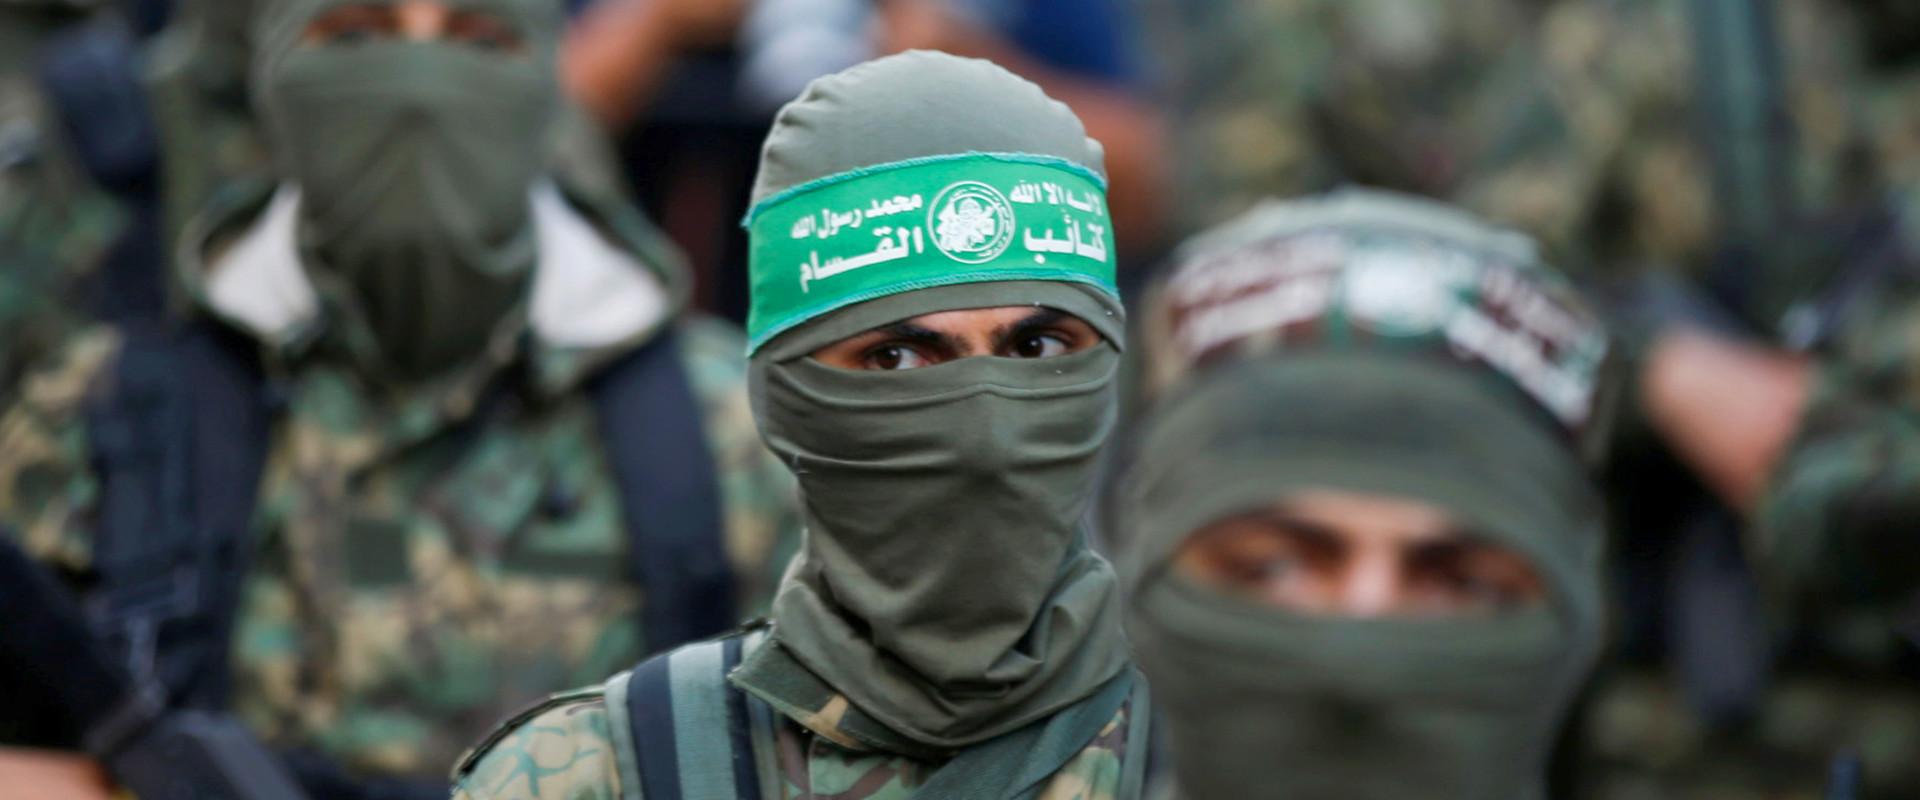 טרוריסטים (צילום: פלאש 90)